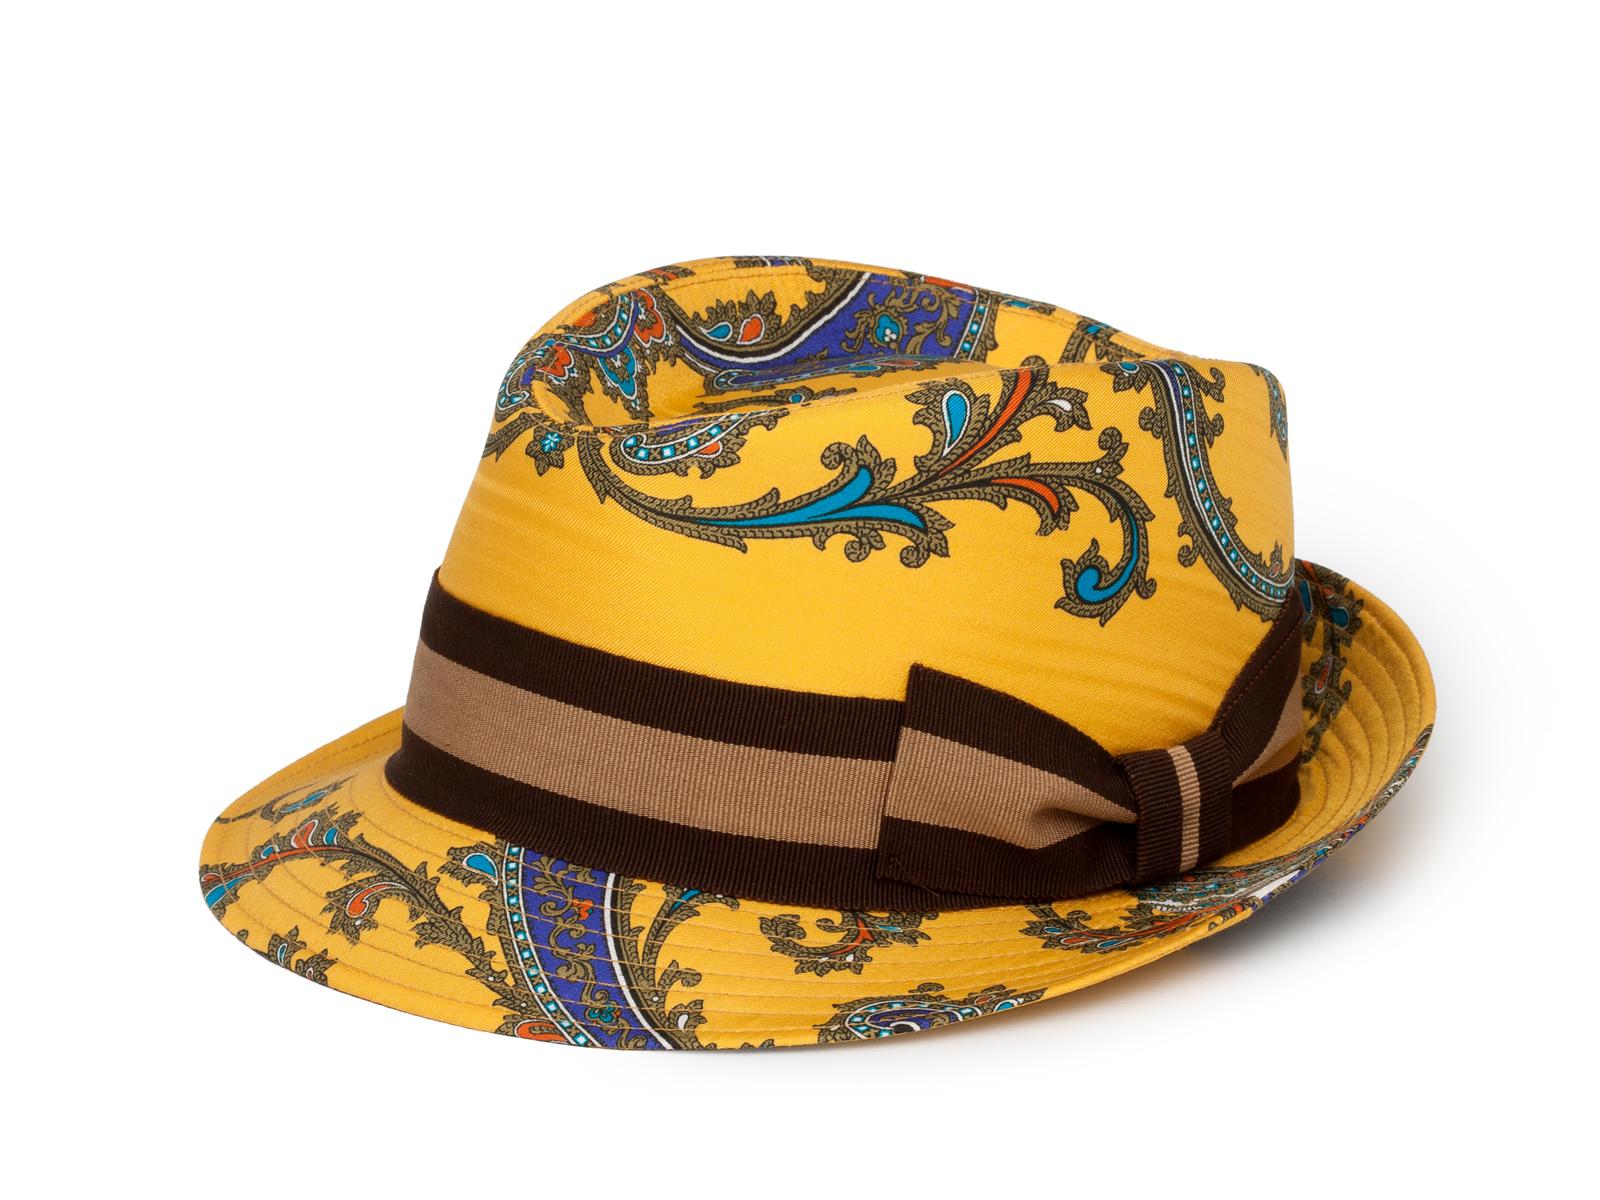 Шляпа, Dolce & Gabbana  Третьяковский пр-д., 8, тел.(495) 933 3376